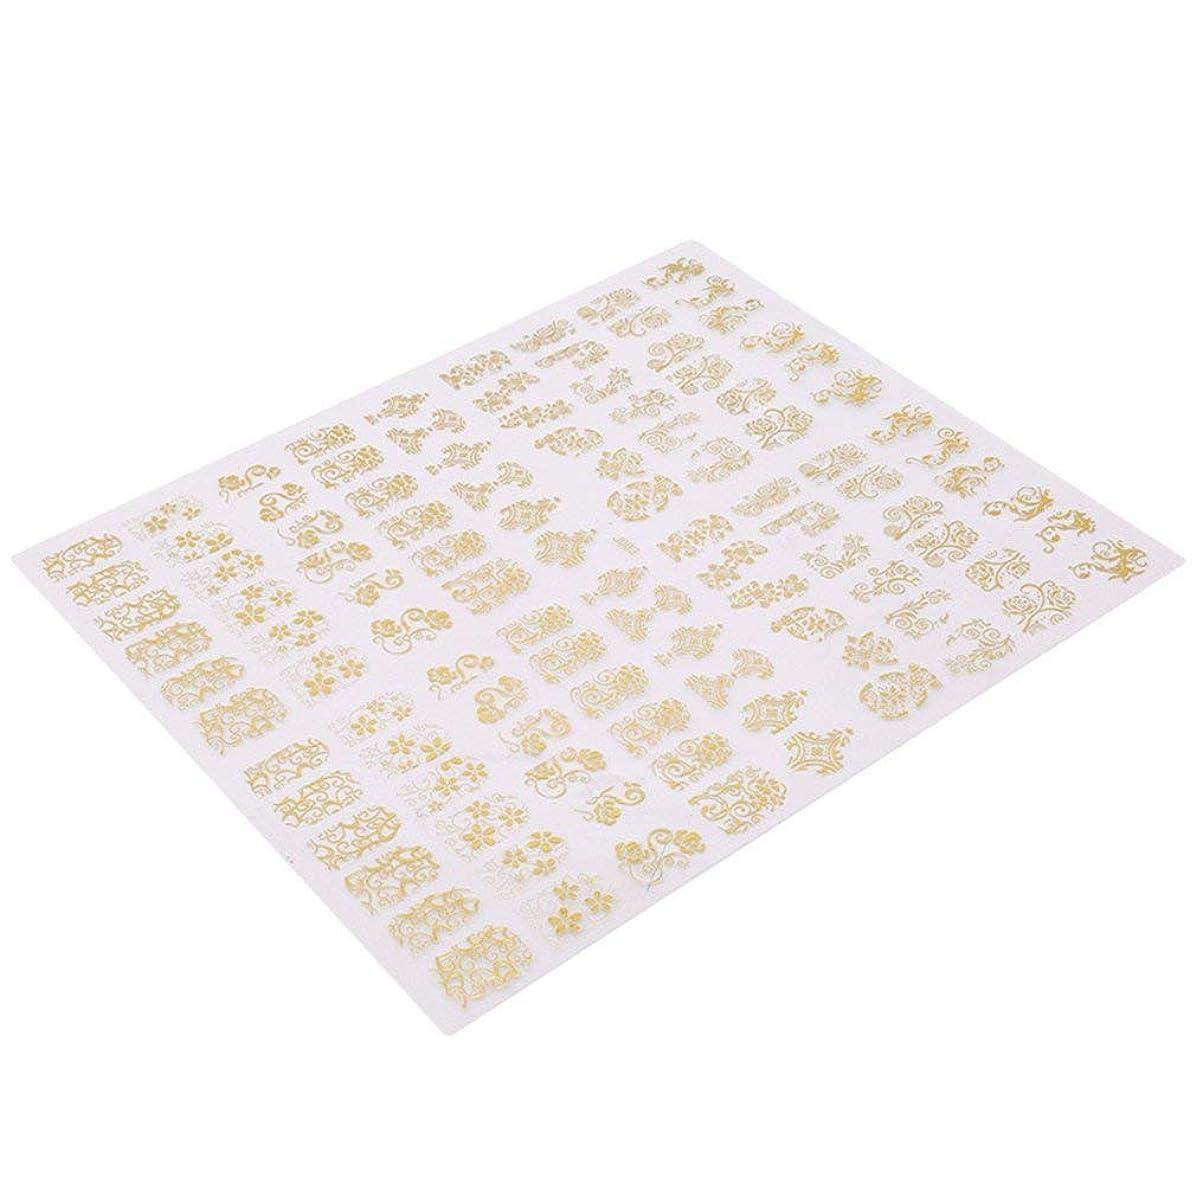 スケッチ上下するリビングルームMen club ネイルシール 花 ゴールド 極薄 ネイルステッカー ネイルアート 可愛い ネイル飾り ネイルフ 耐久性